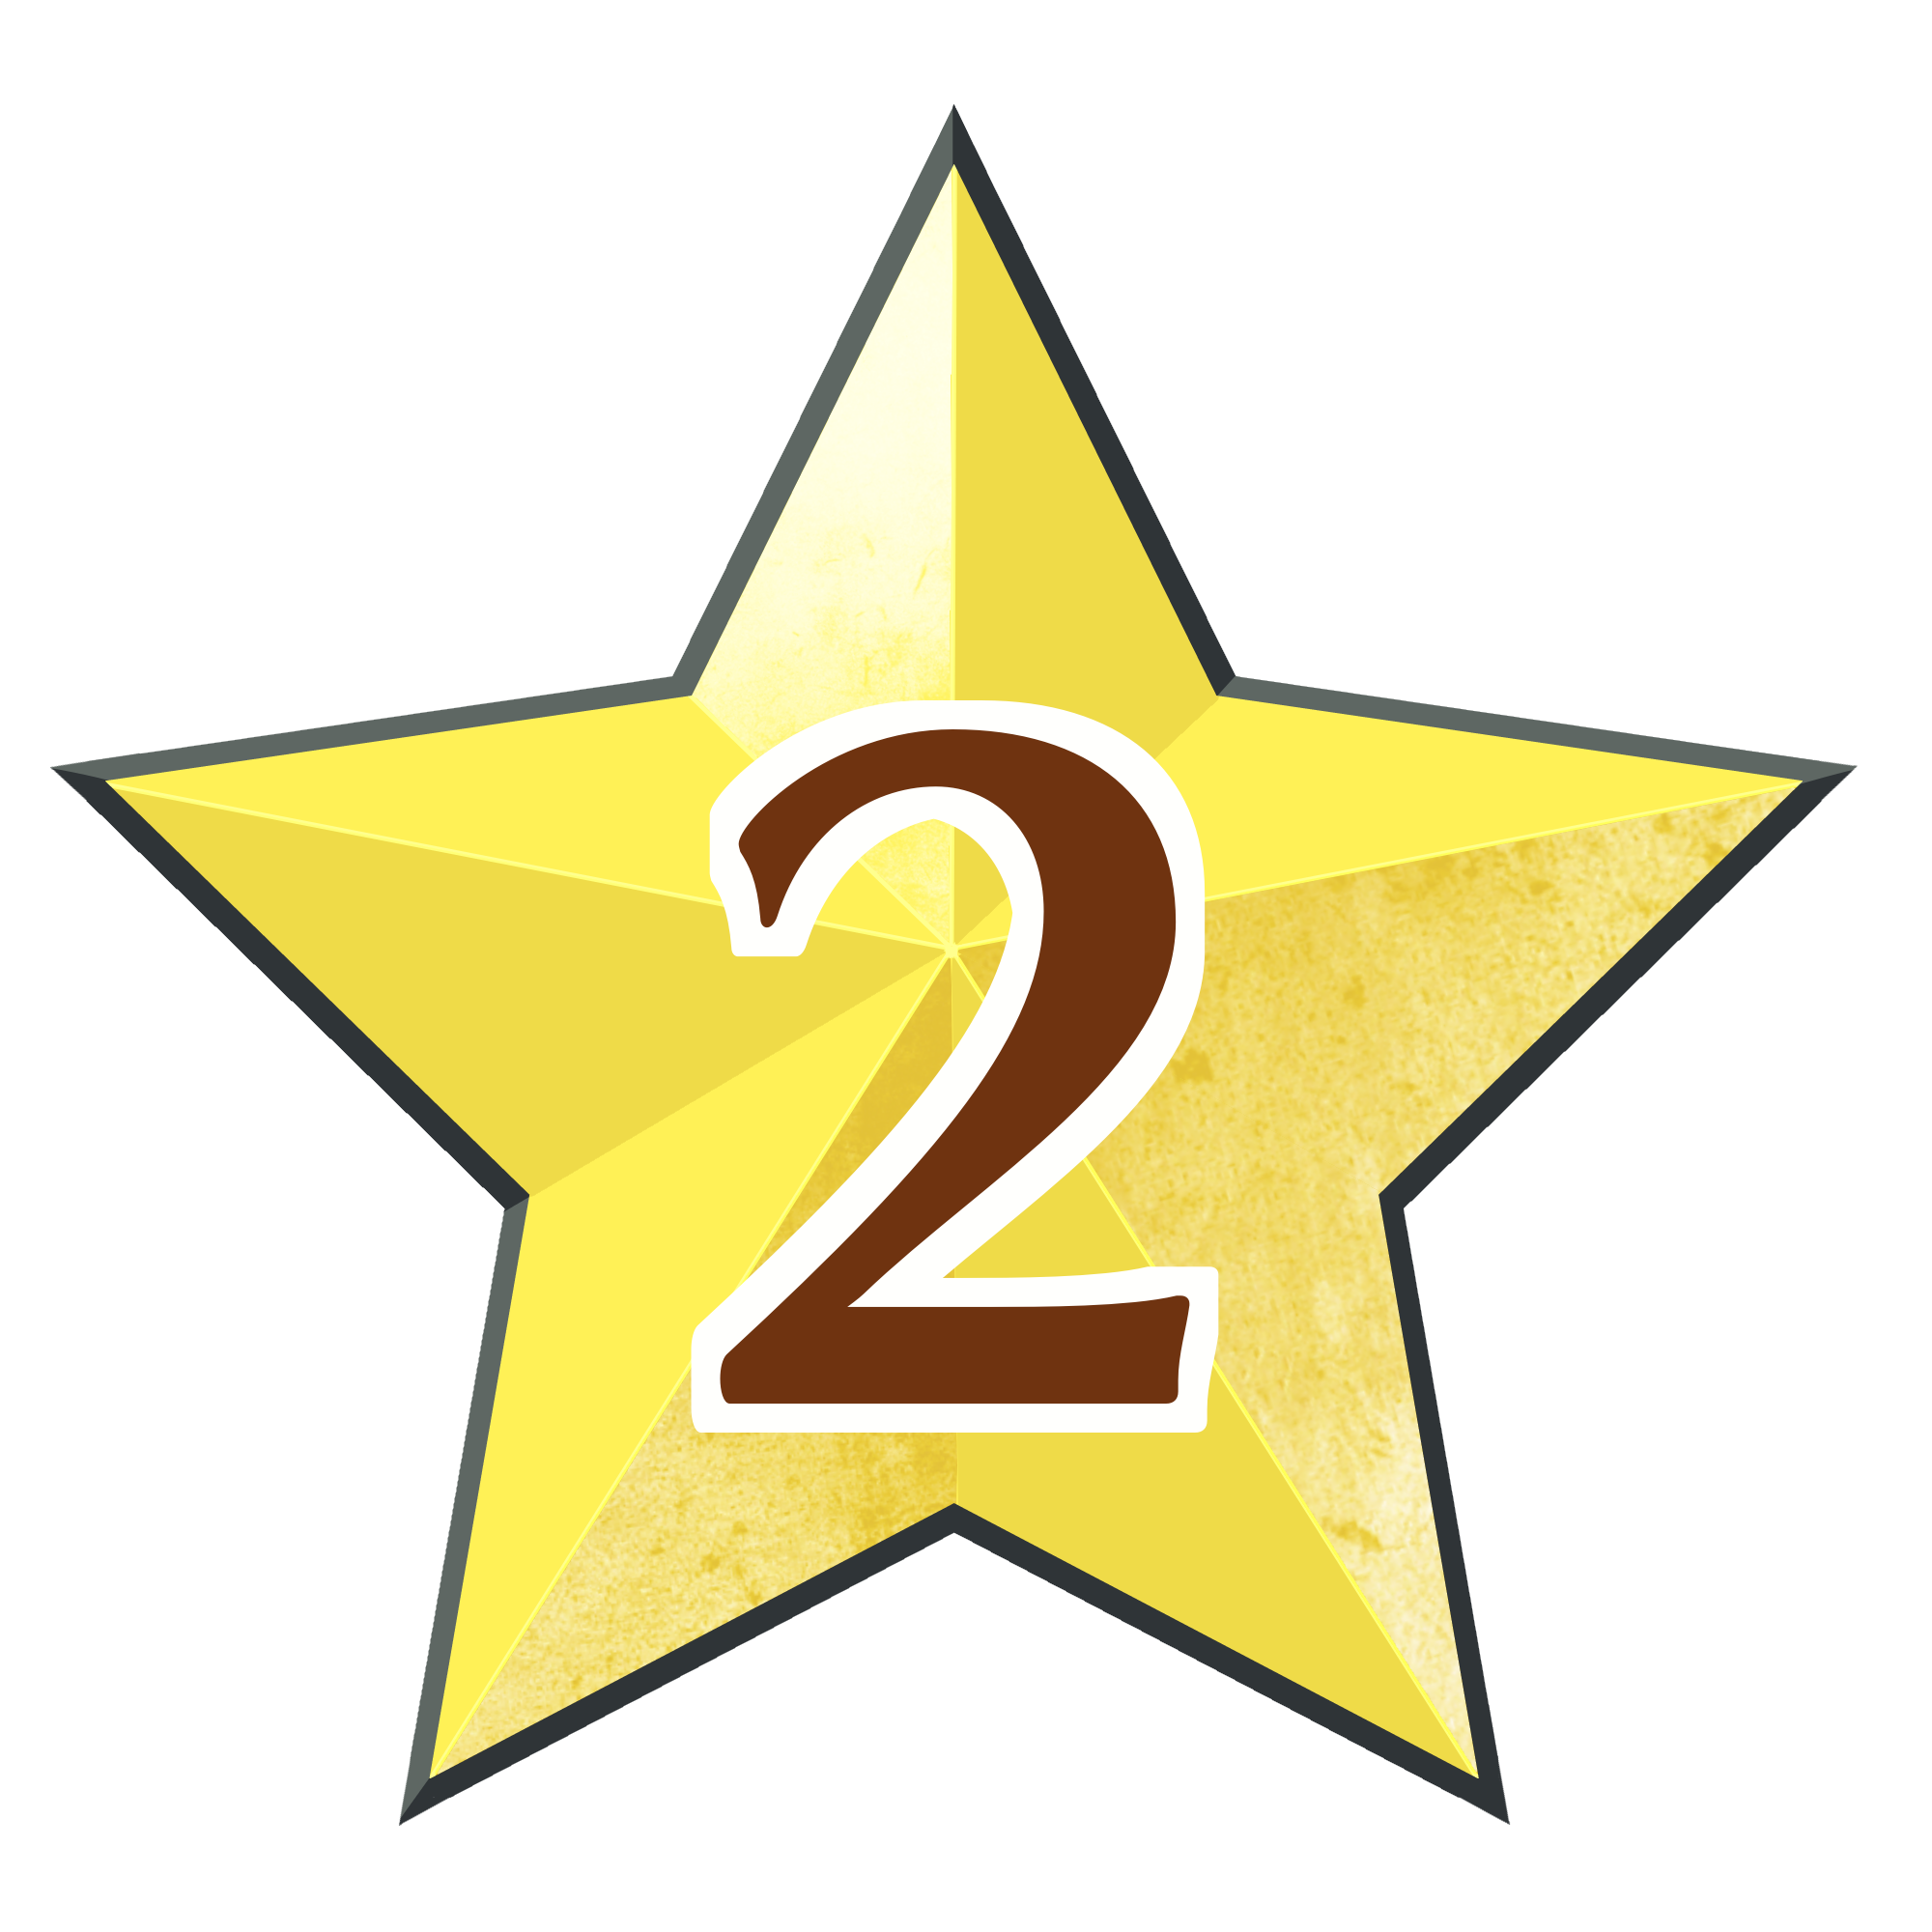 星2聖痕の画像